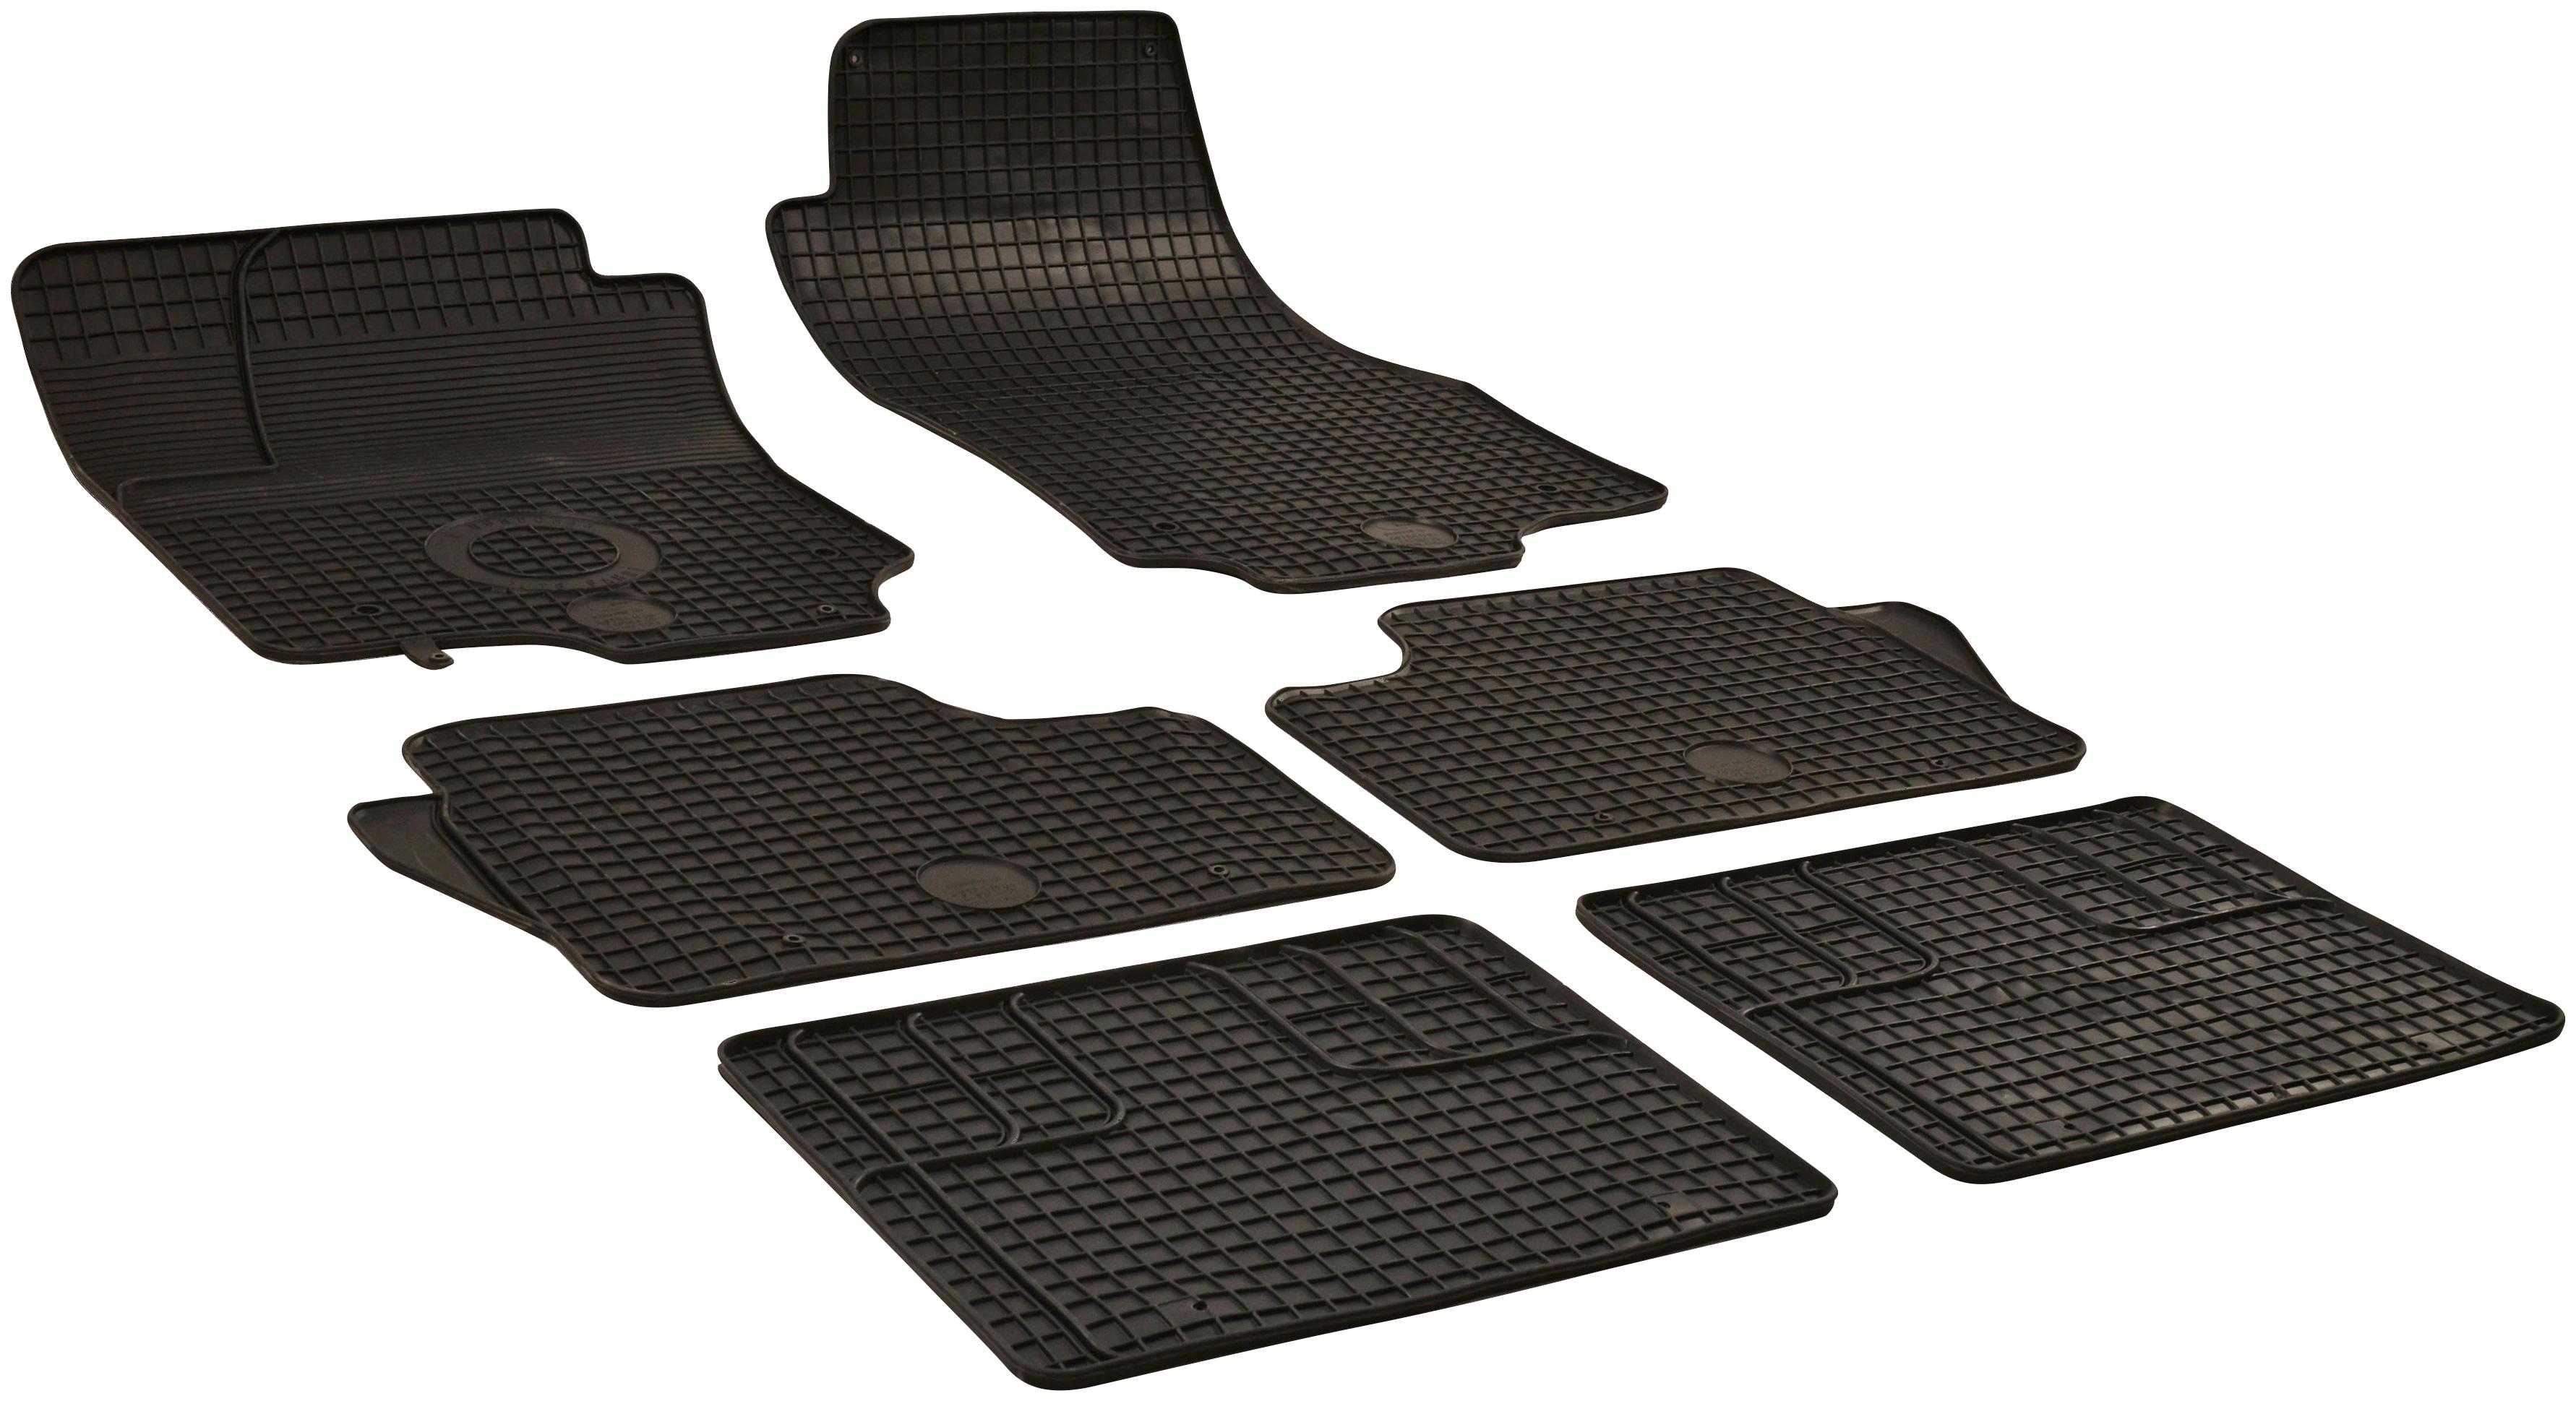 WALSER Passform-Fußmatten, Opel, Zafira B, Großr.lim.-Kastenwagen, (6 St., 2 Vordermatten, Matten mittlere Reihe, Rückmatten), für Opel B 6-teilig BJ 2005 - 2015 schwarz Automatten Autozubehör Reifen Passform-Fußmatten